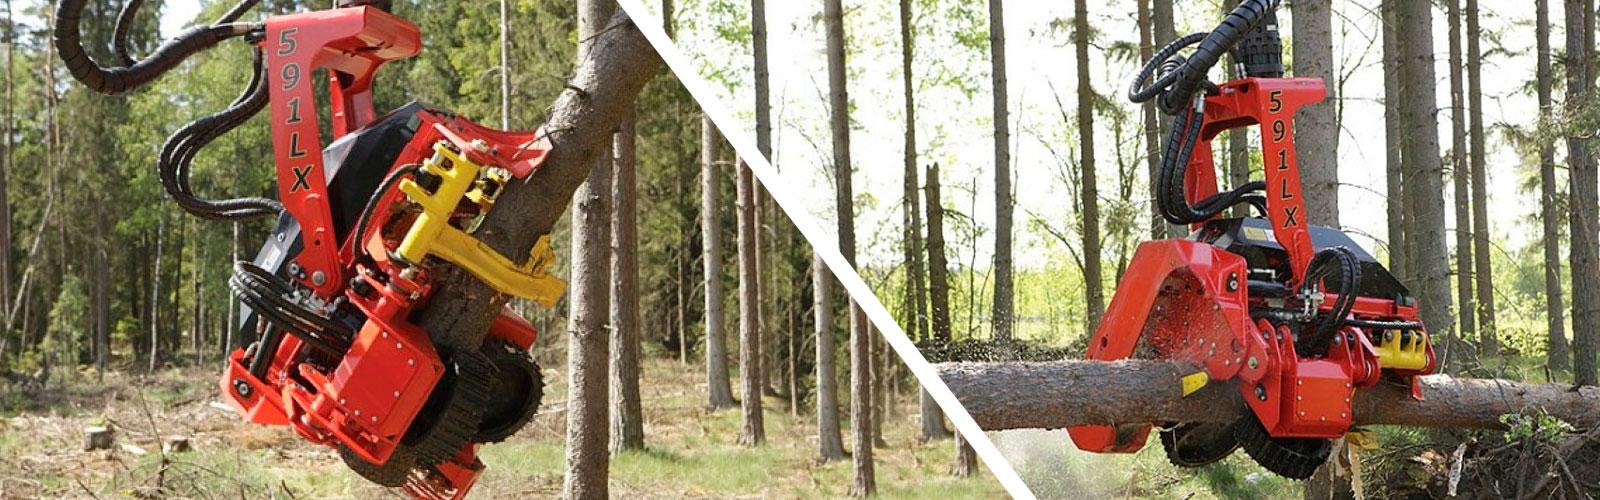 Taller de maquinaria forestal Rottne en Cantabria